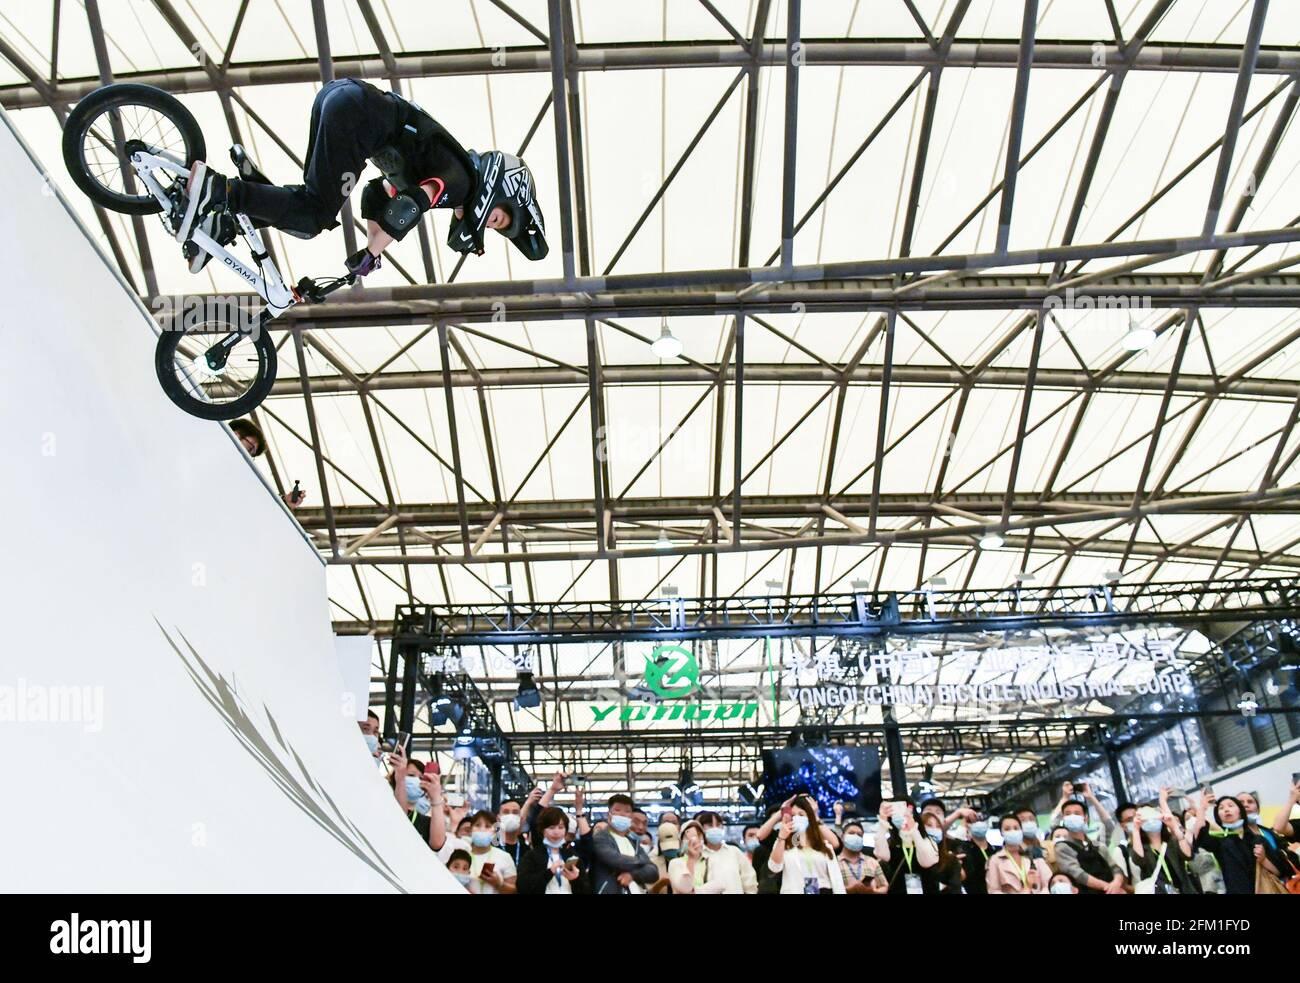 Shanghai. 5 mai 2021. Un jeune cycliste affiche des cascades de vélo pendant la 30e China International Bicycle Fair dans l'est de la Chine Shanghai, le 5 mai 2021. L'événement de quatre jours a débuté mercredi, attirant plus de 1,000 entreprises à y participer. Credit: Li He/Xinhua/Alay Live News Banque D'Images